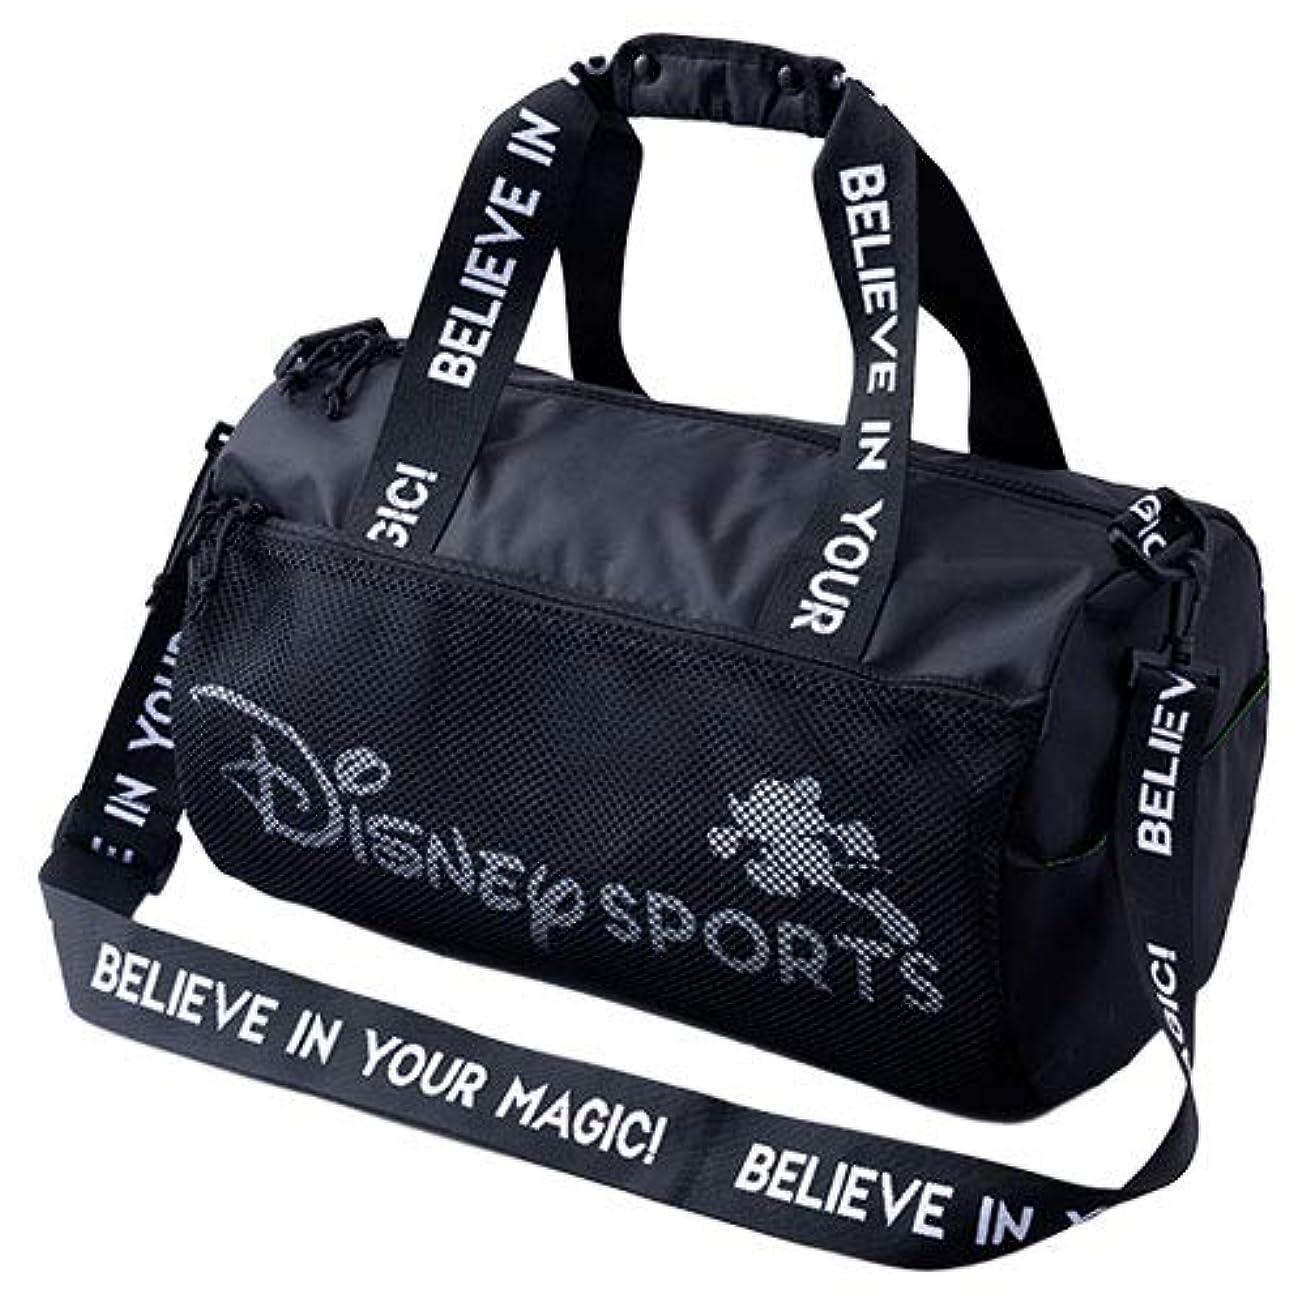 マエストロフィールド小包ミッキーマウス ボストンバッグ Disney Sports 2019 ディズニー グッズ お土産【東京ディズニーリゾート限定】